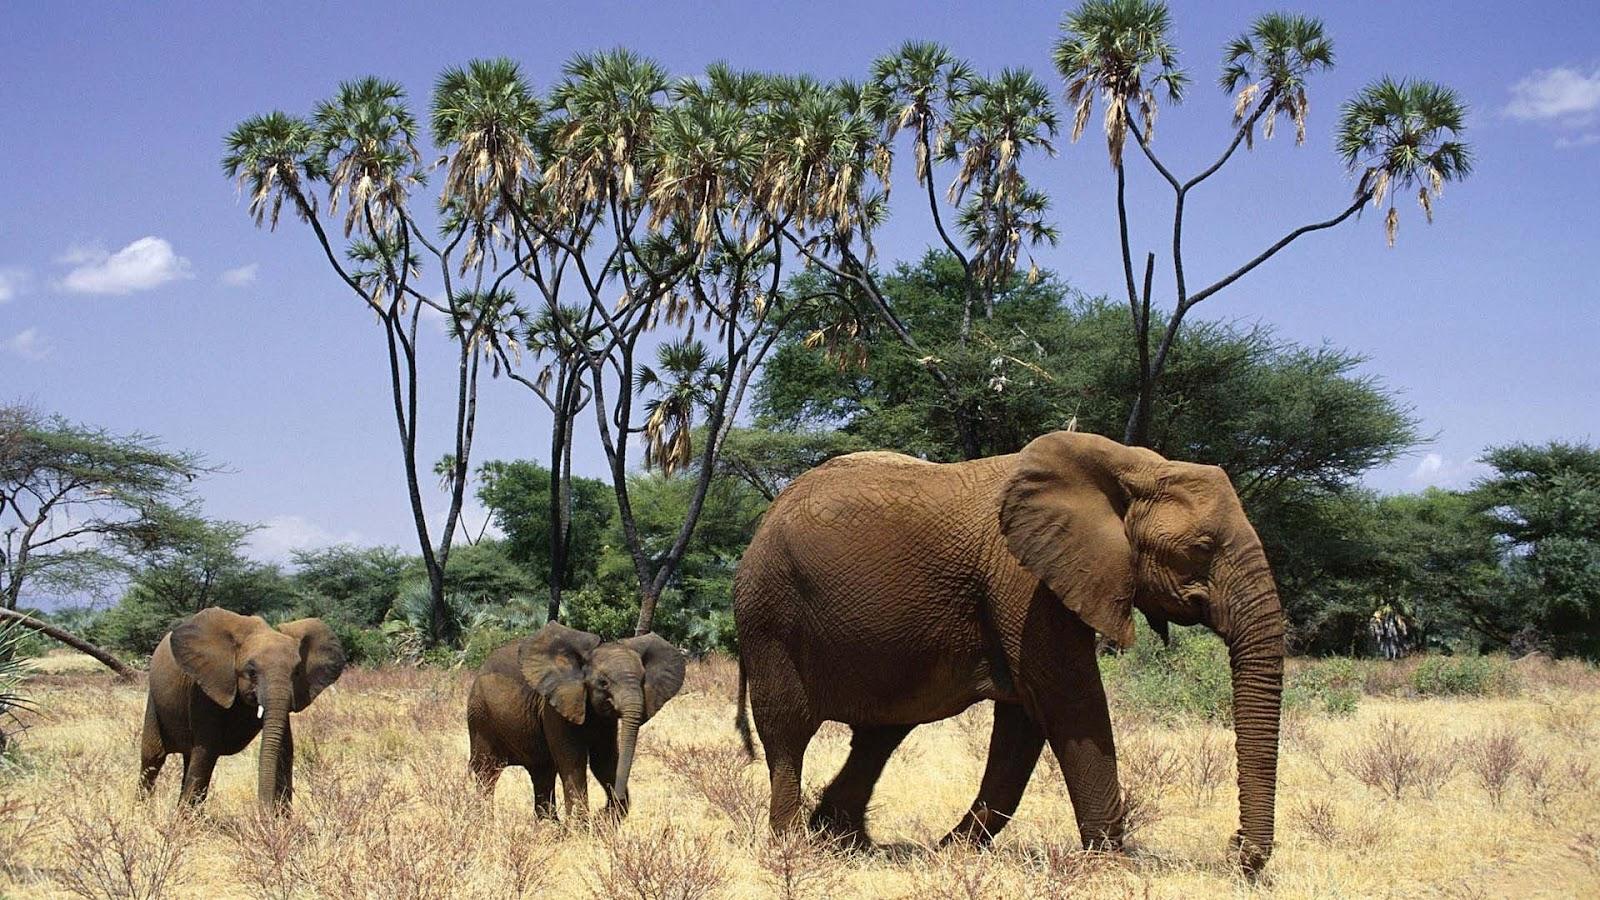 Free Download African Elephant Wallpaper Desktop Images Amp